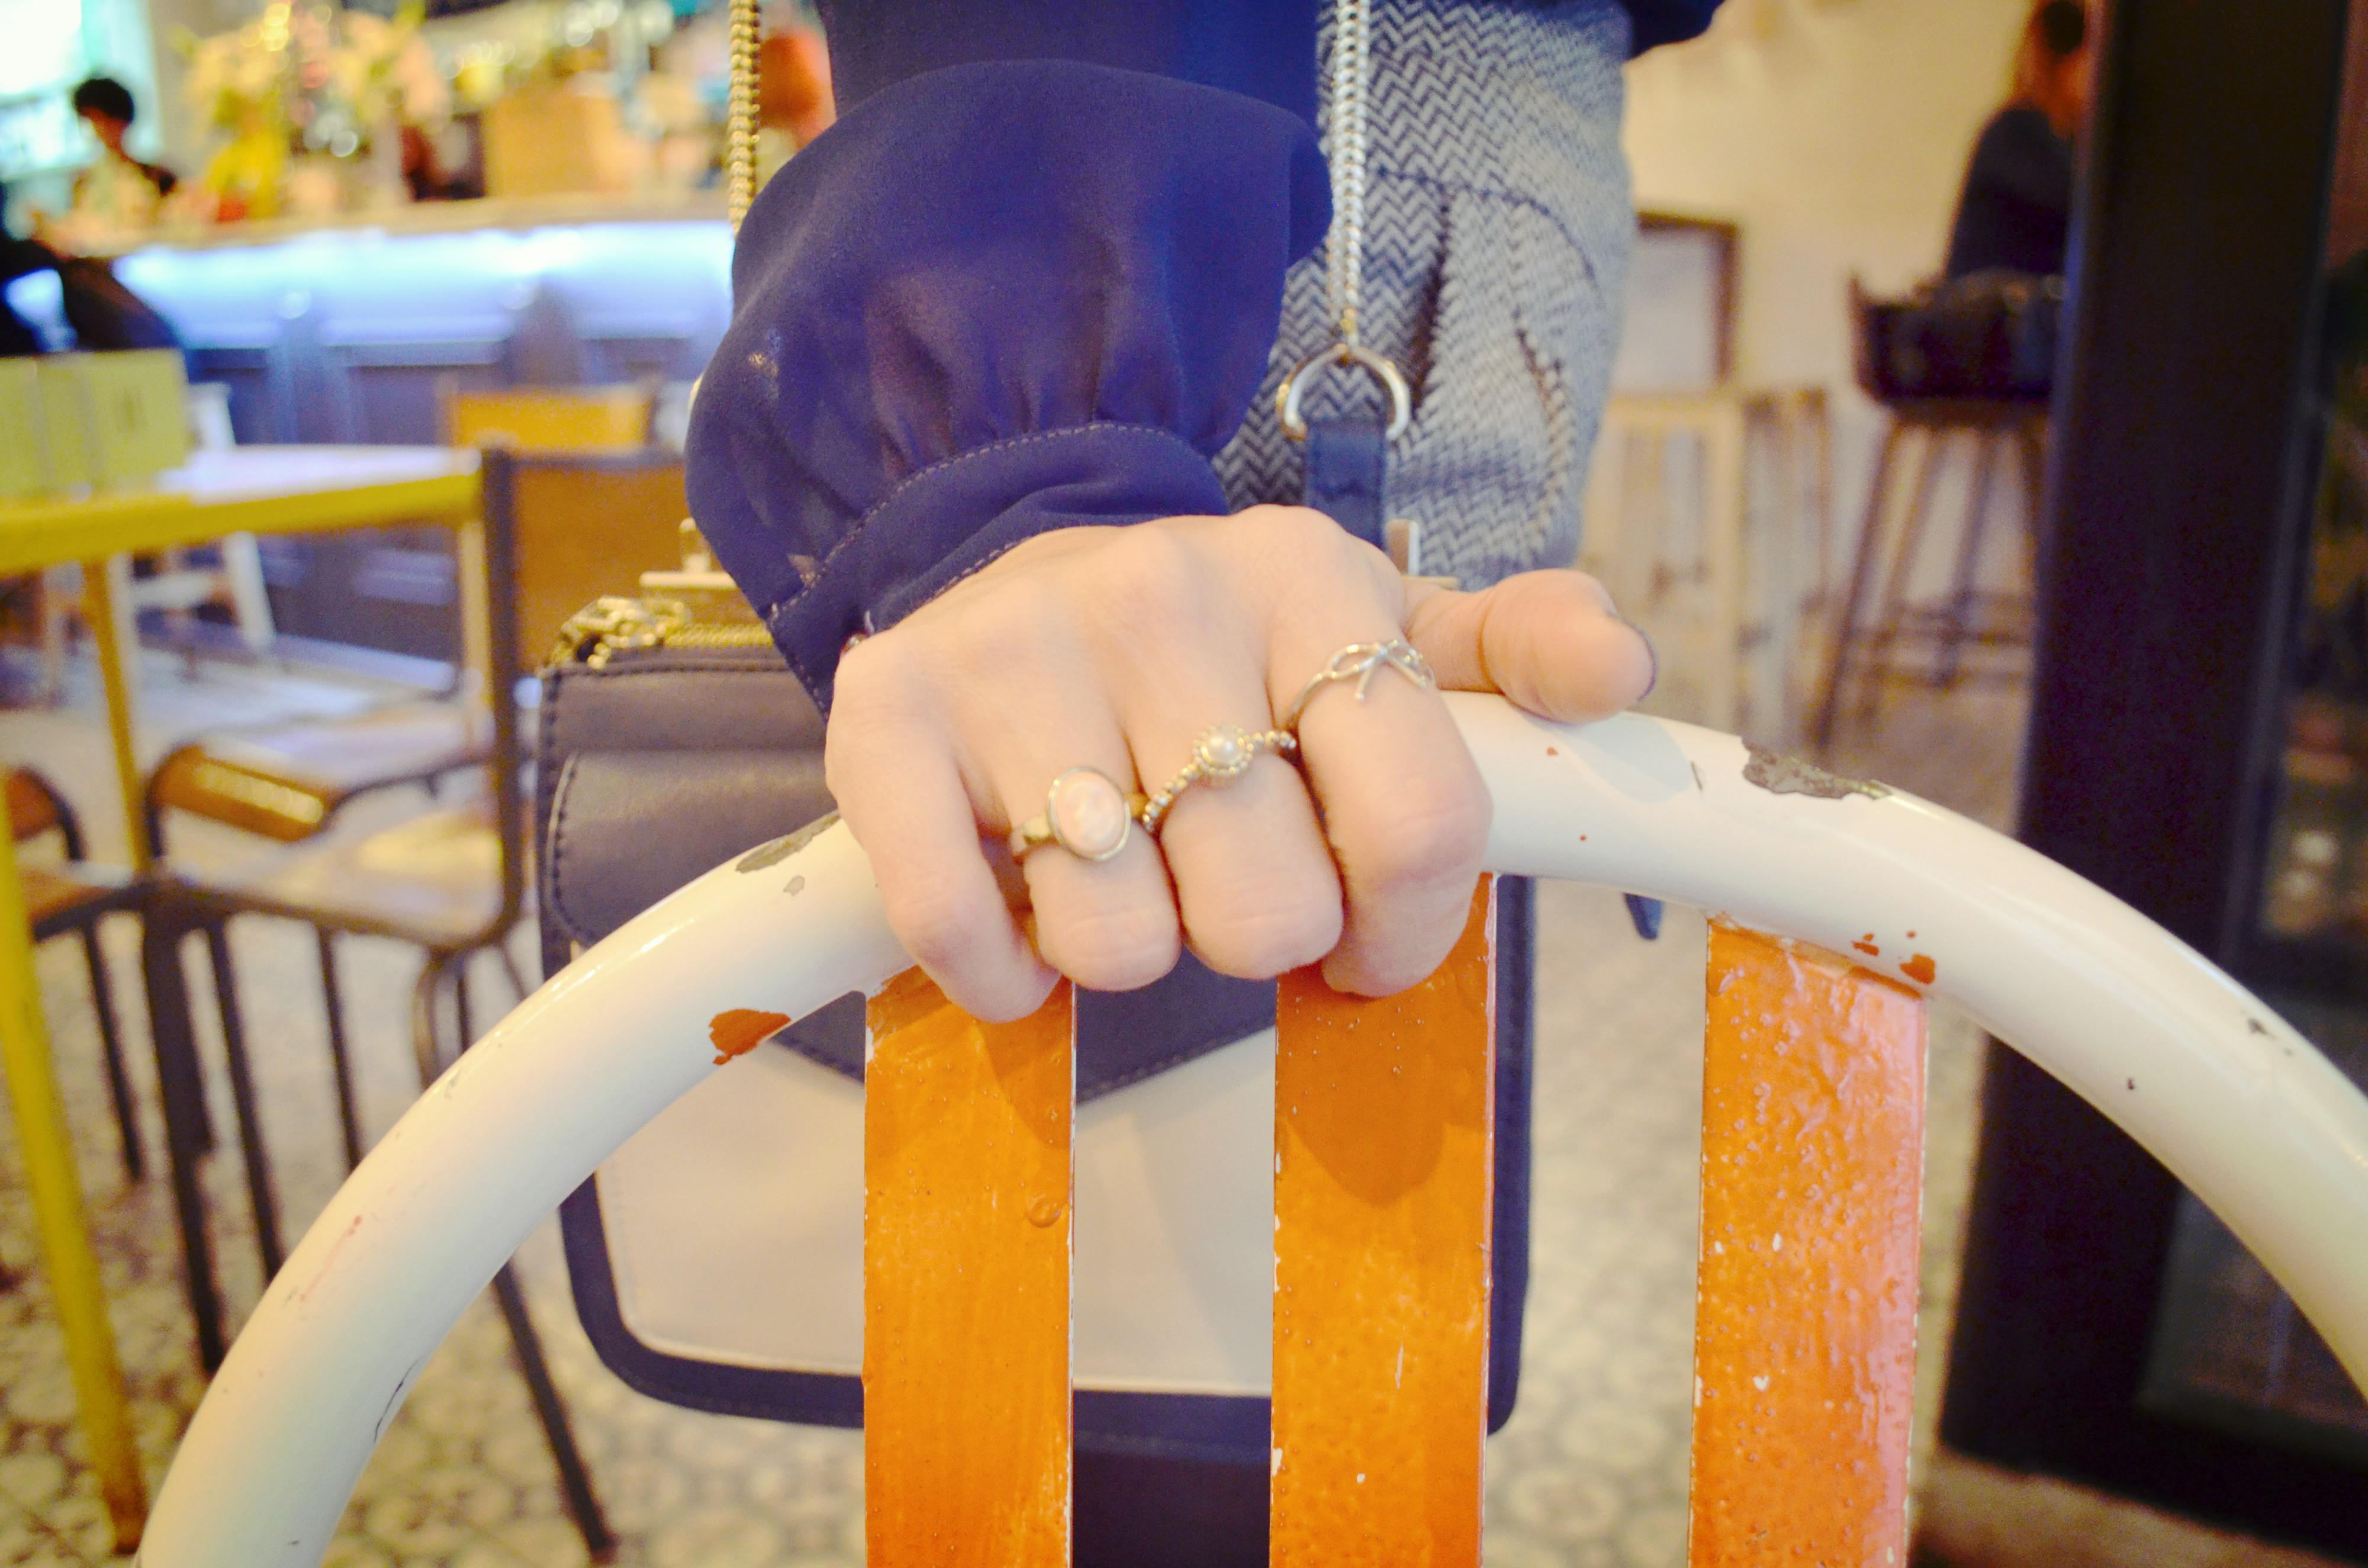 Blog-de-moda-anillos-aristocrazy-Asos-accessories-ChicAdicta-Chic-Adicta-falda-pata-de-gallo-La-Verbena-Madrid-PiensaenChic-Piensa-en-Chic